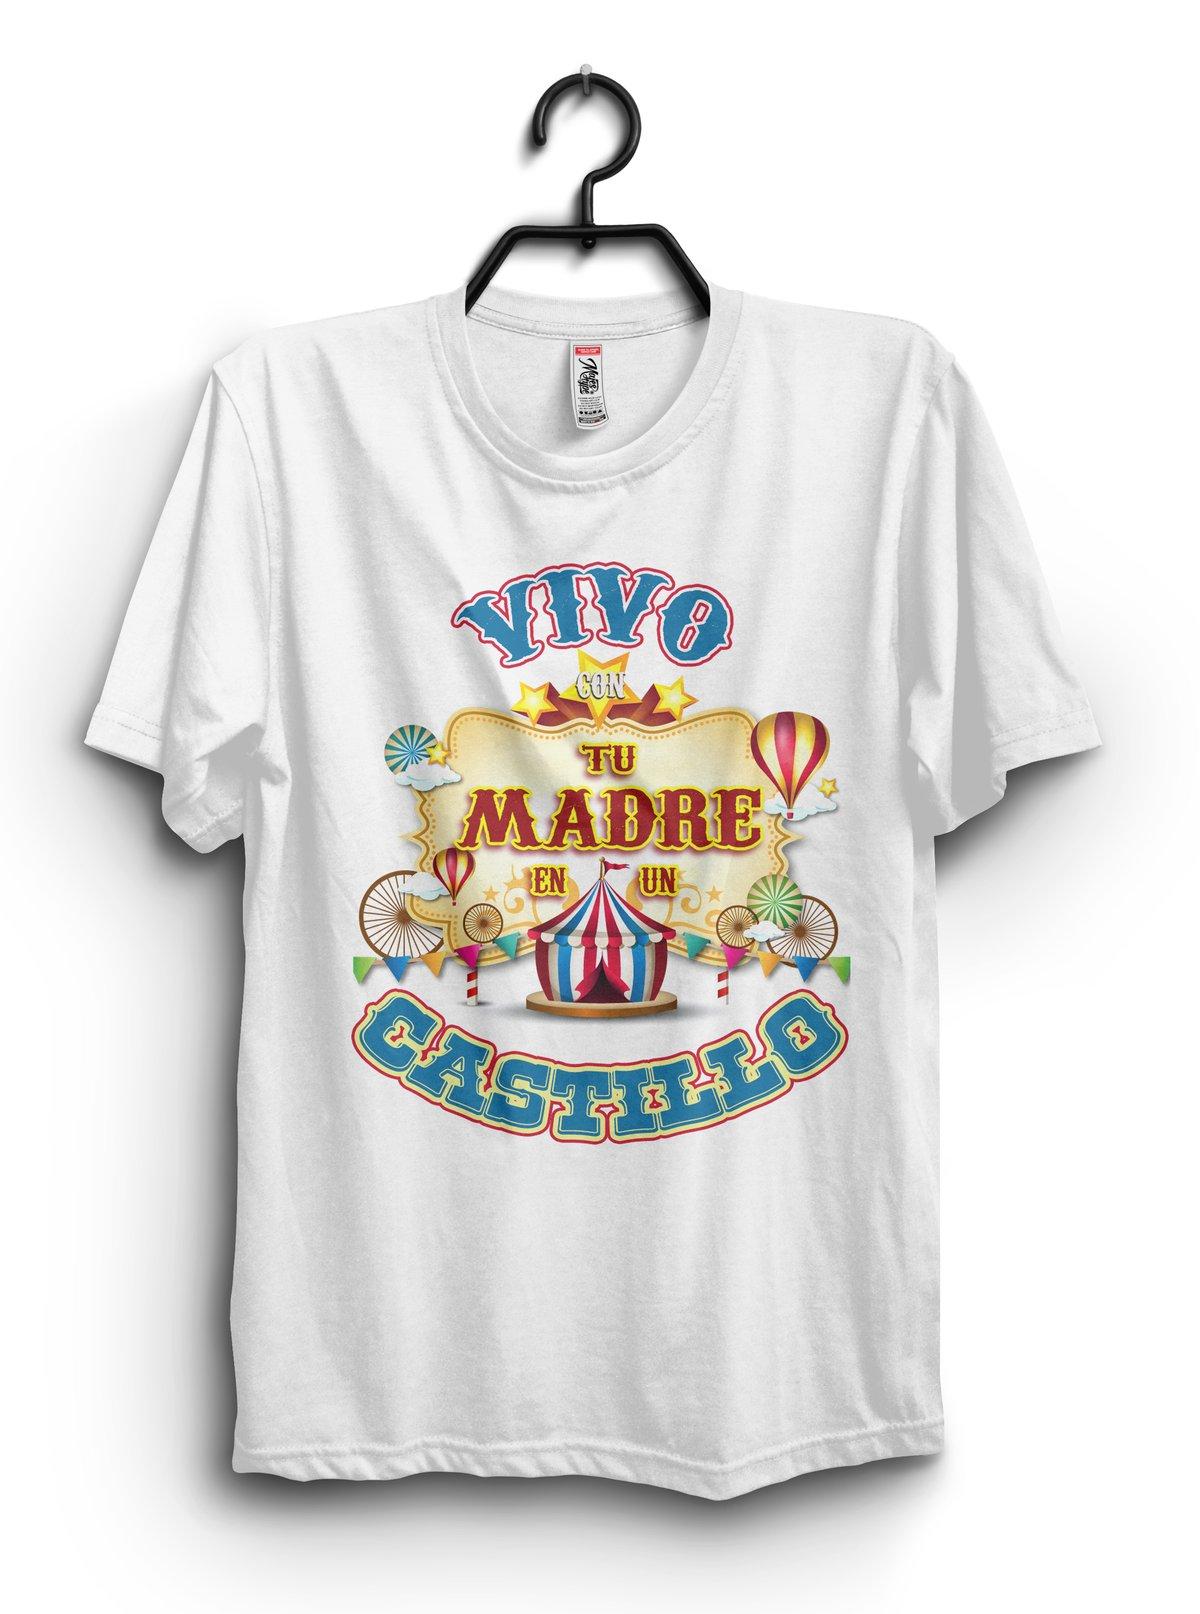 Image of VIVO CON TU MADRE